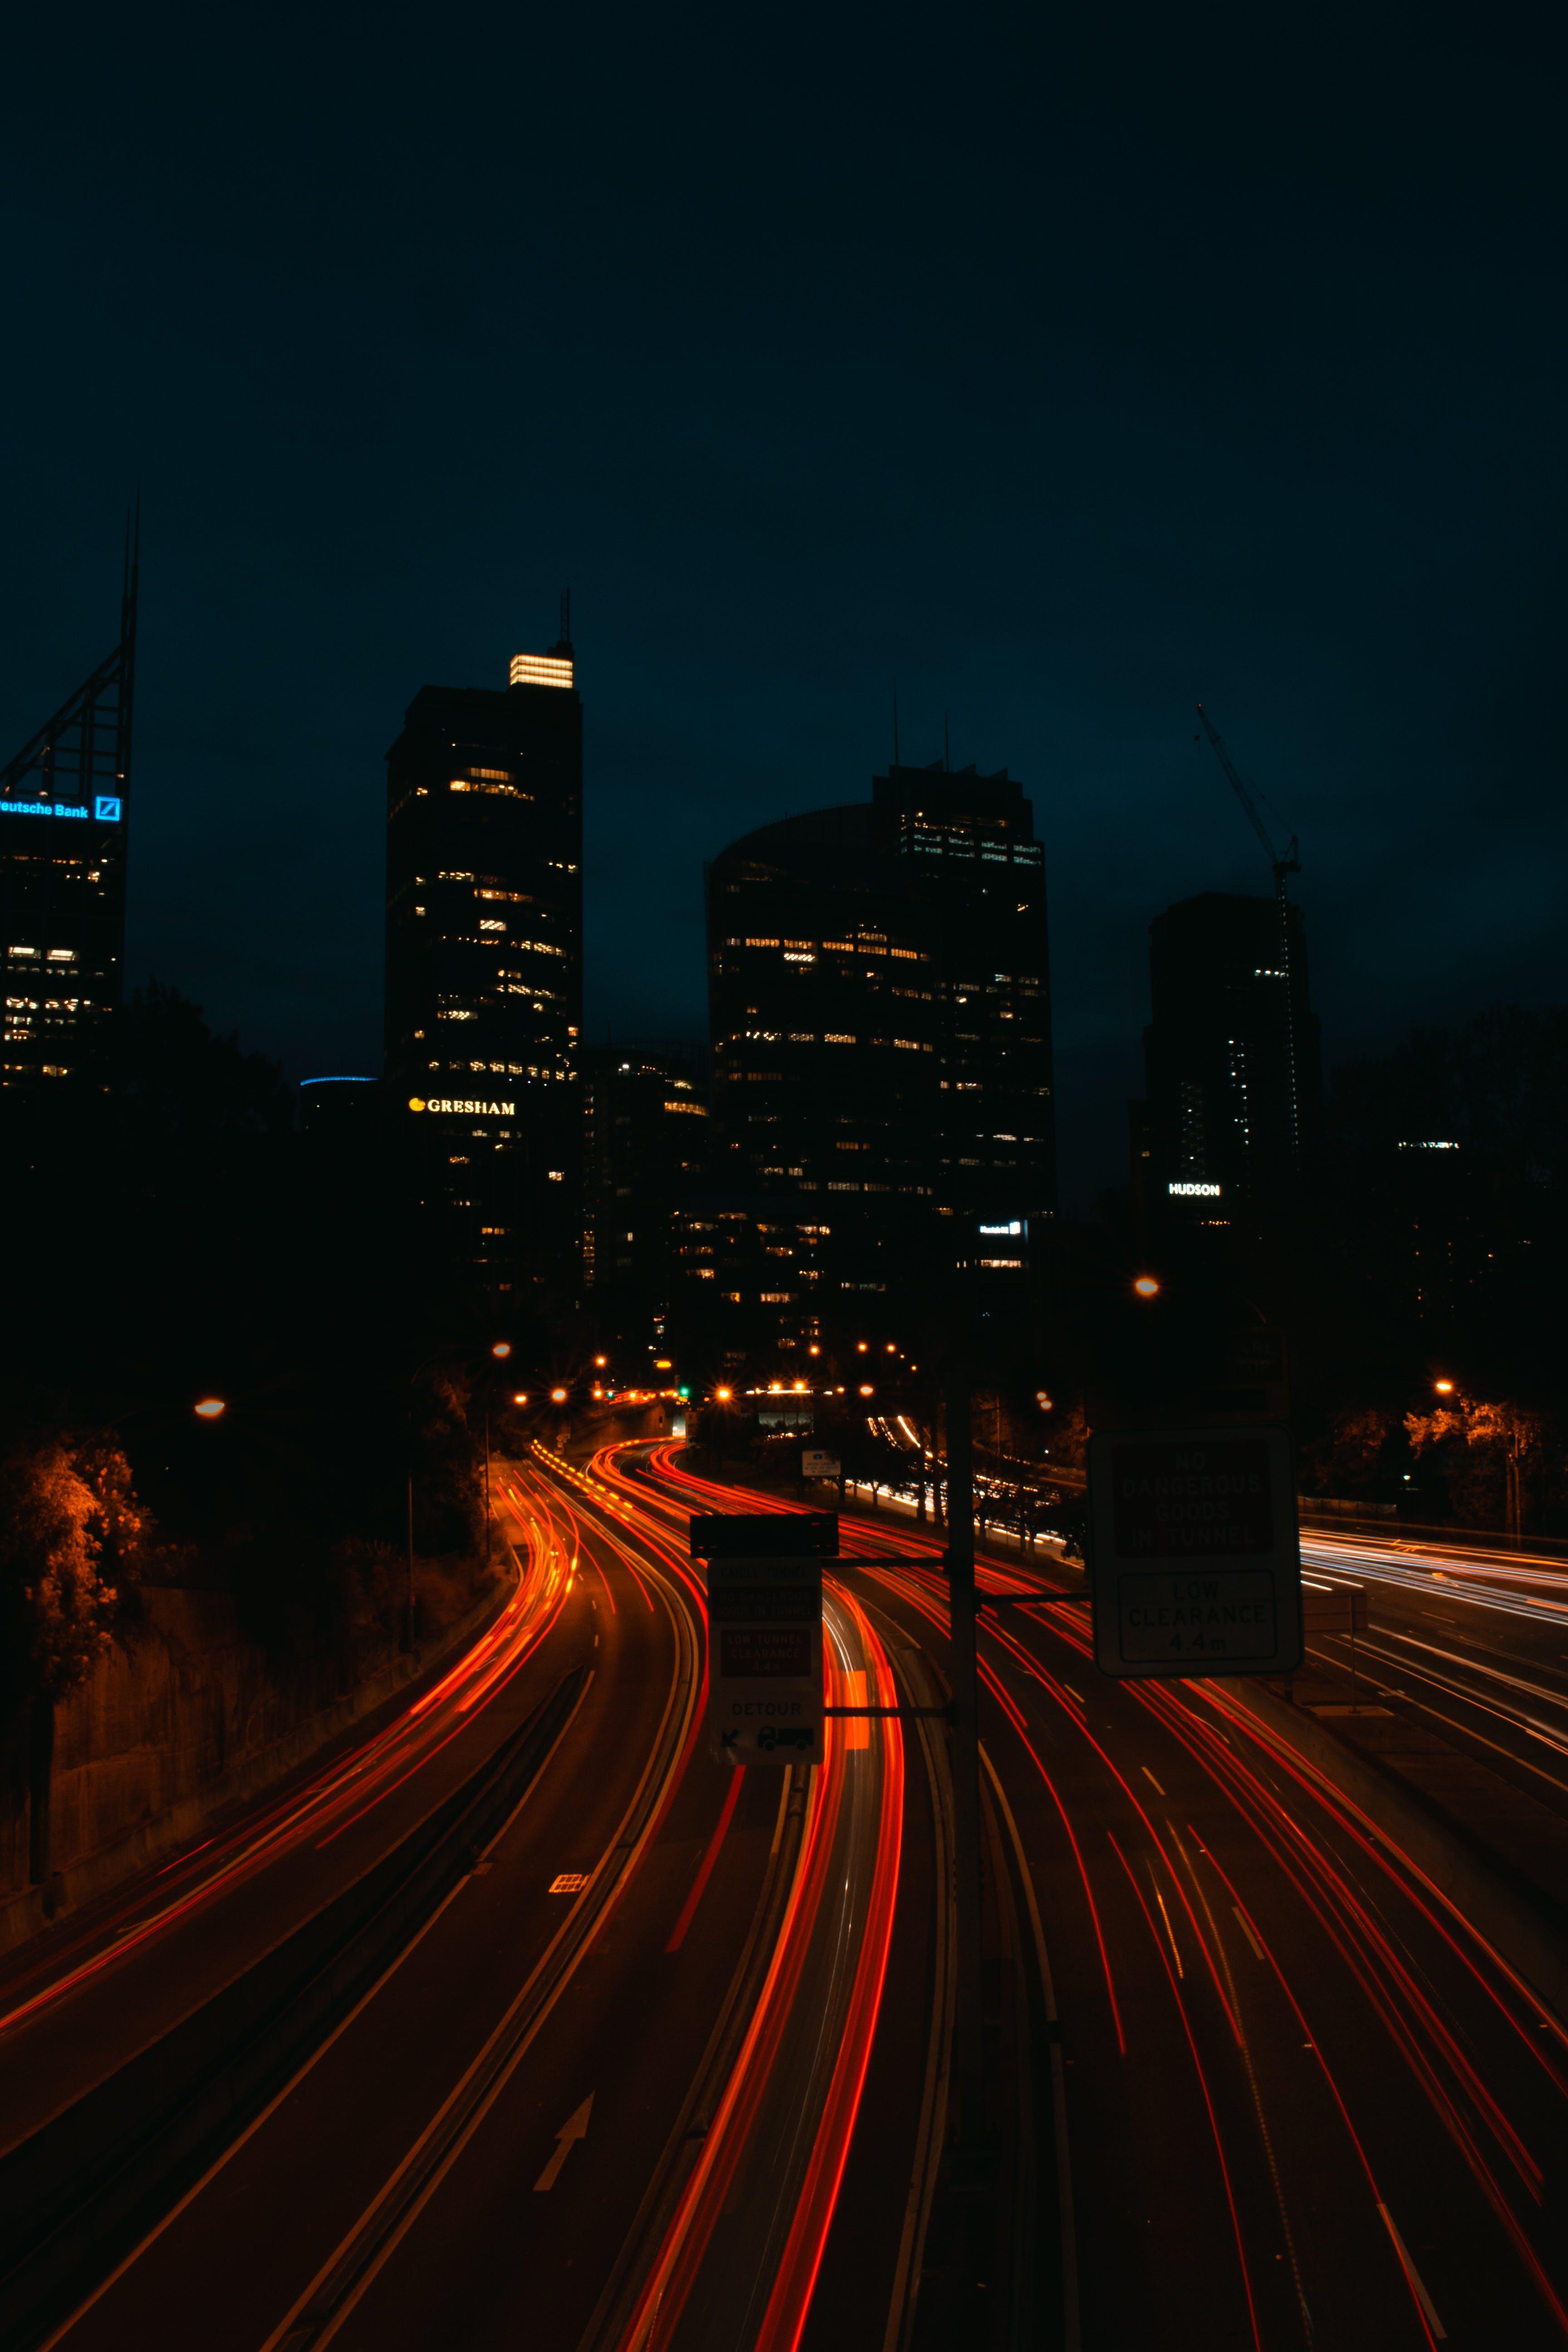 Kostenloses Stock Foto zu abend, architektur, asphalt, autobahn